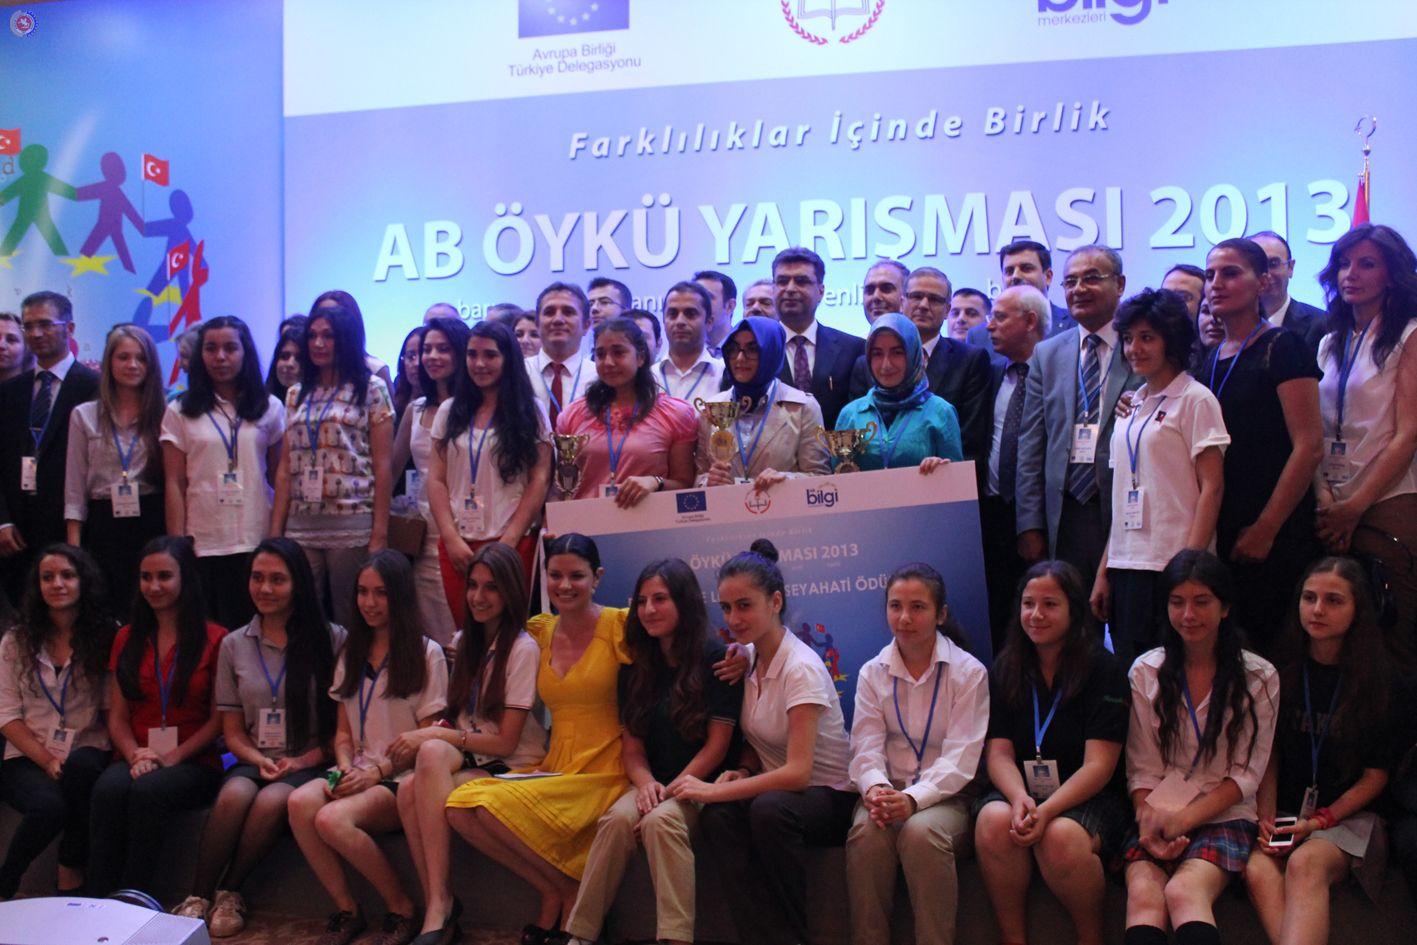 Avrupa Birliği Öykü Yarışması 2013 90